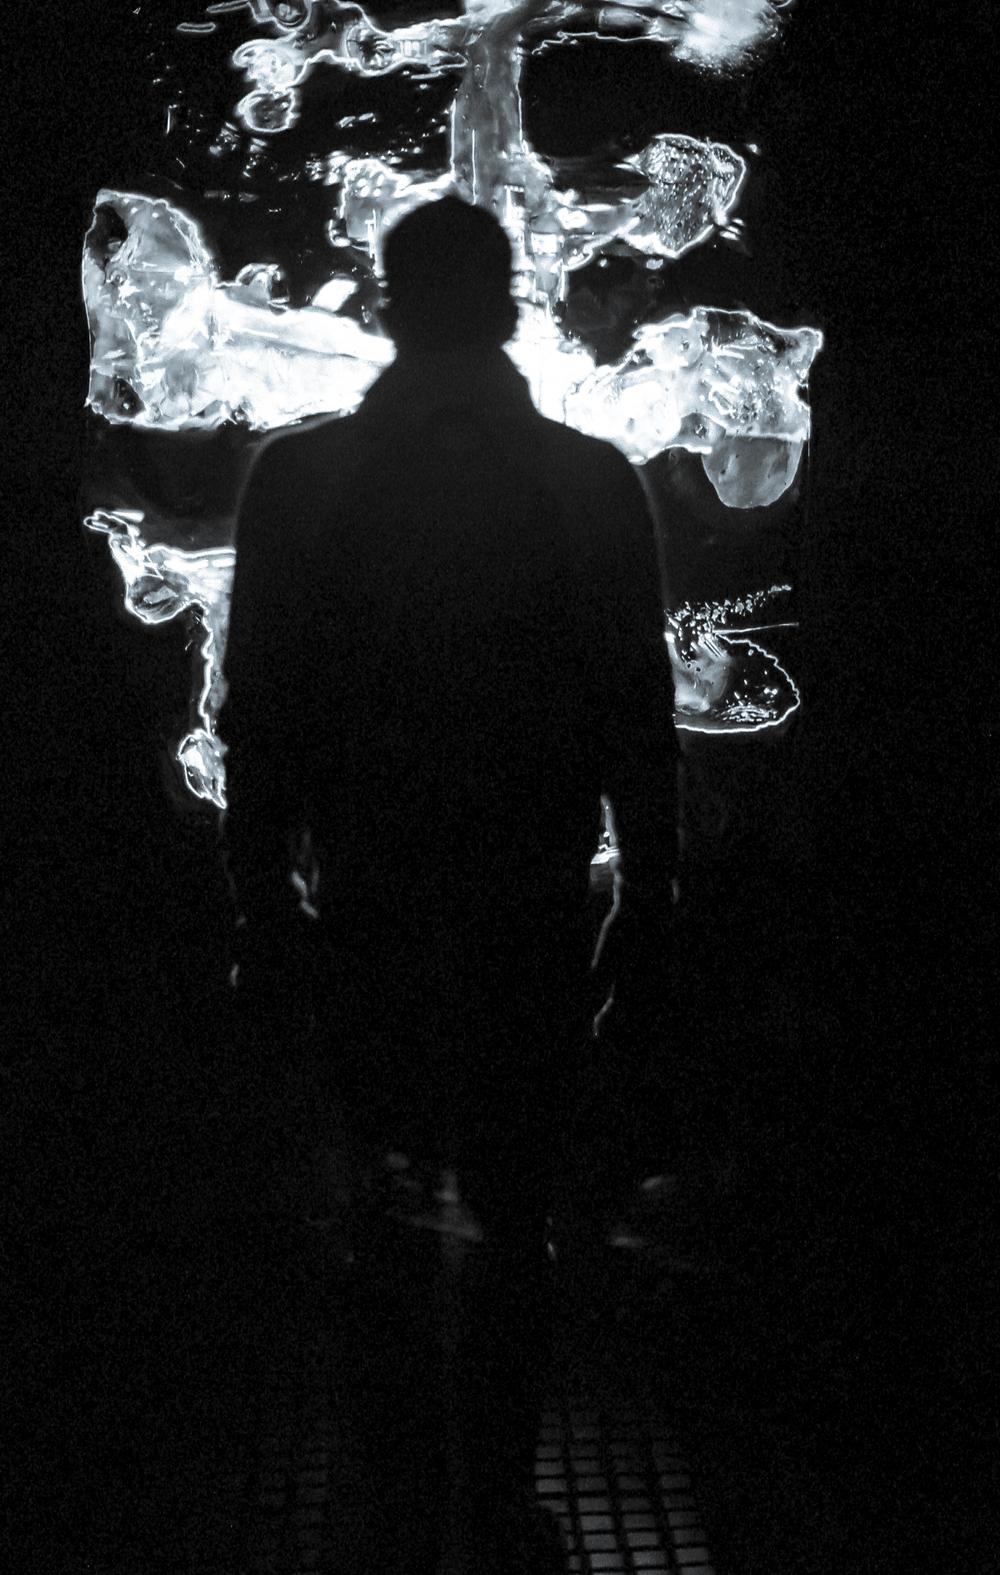 Light sculpture in Prague, Czech Republic